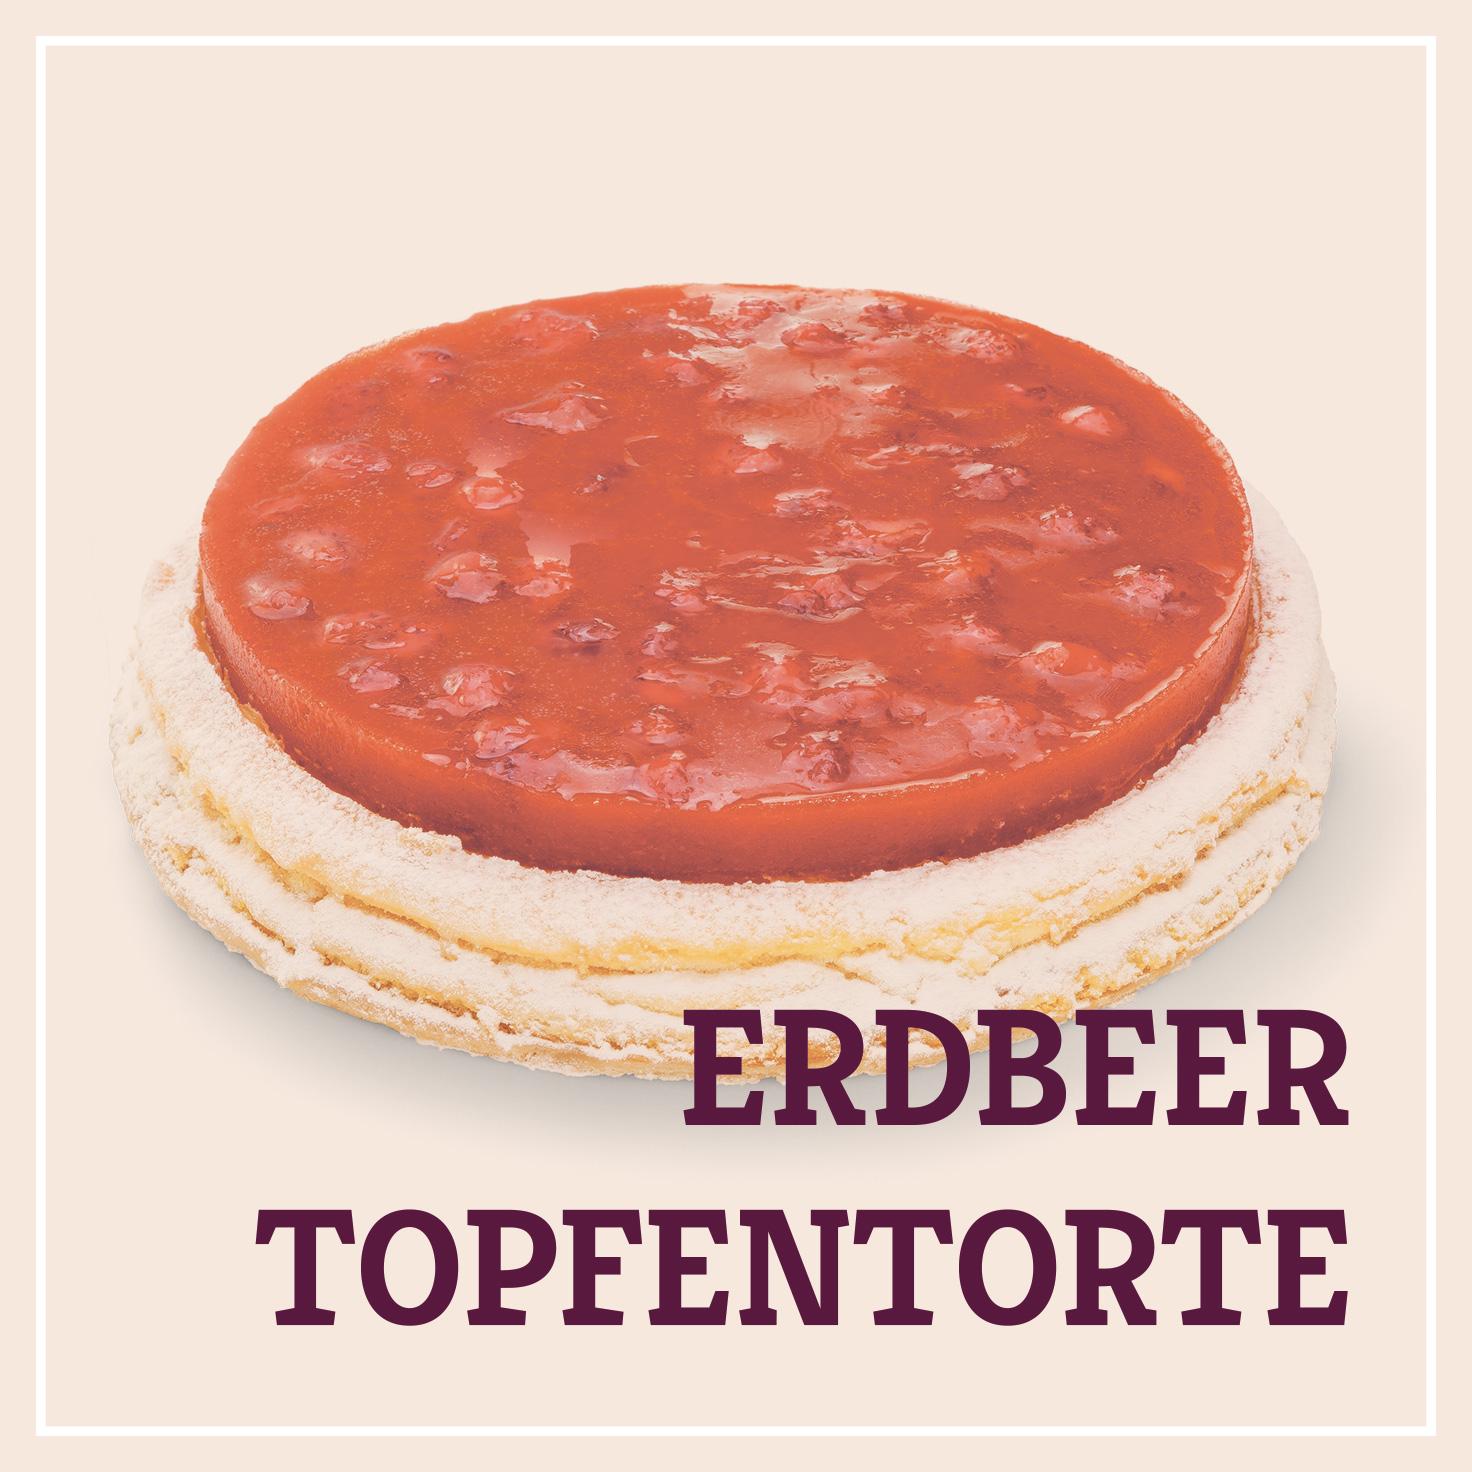 Heiss & Süß - Erdbeer-Topfentorte